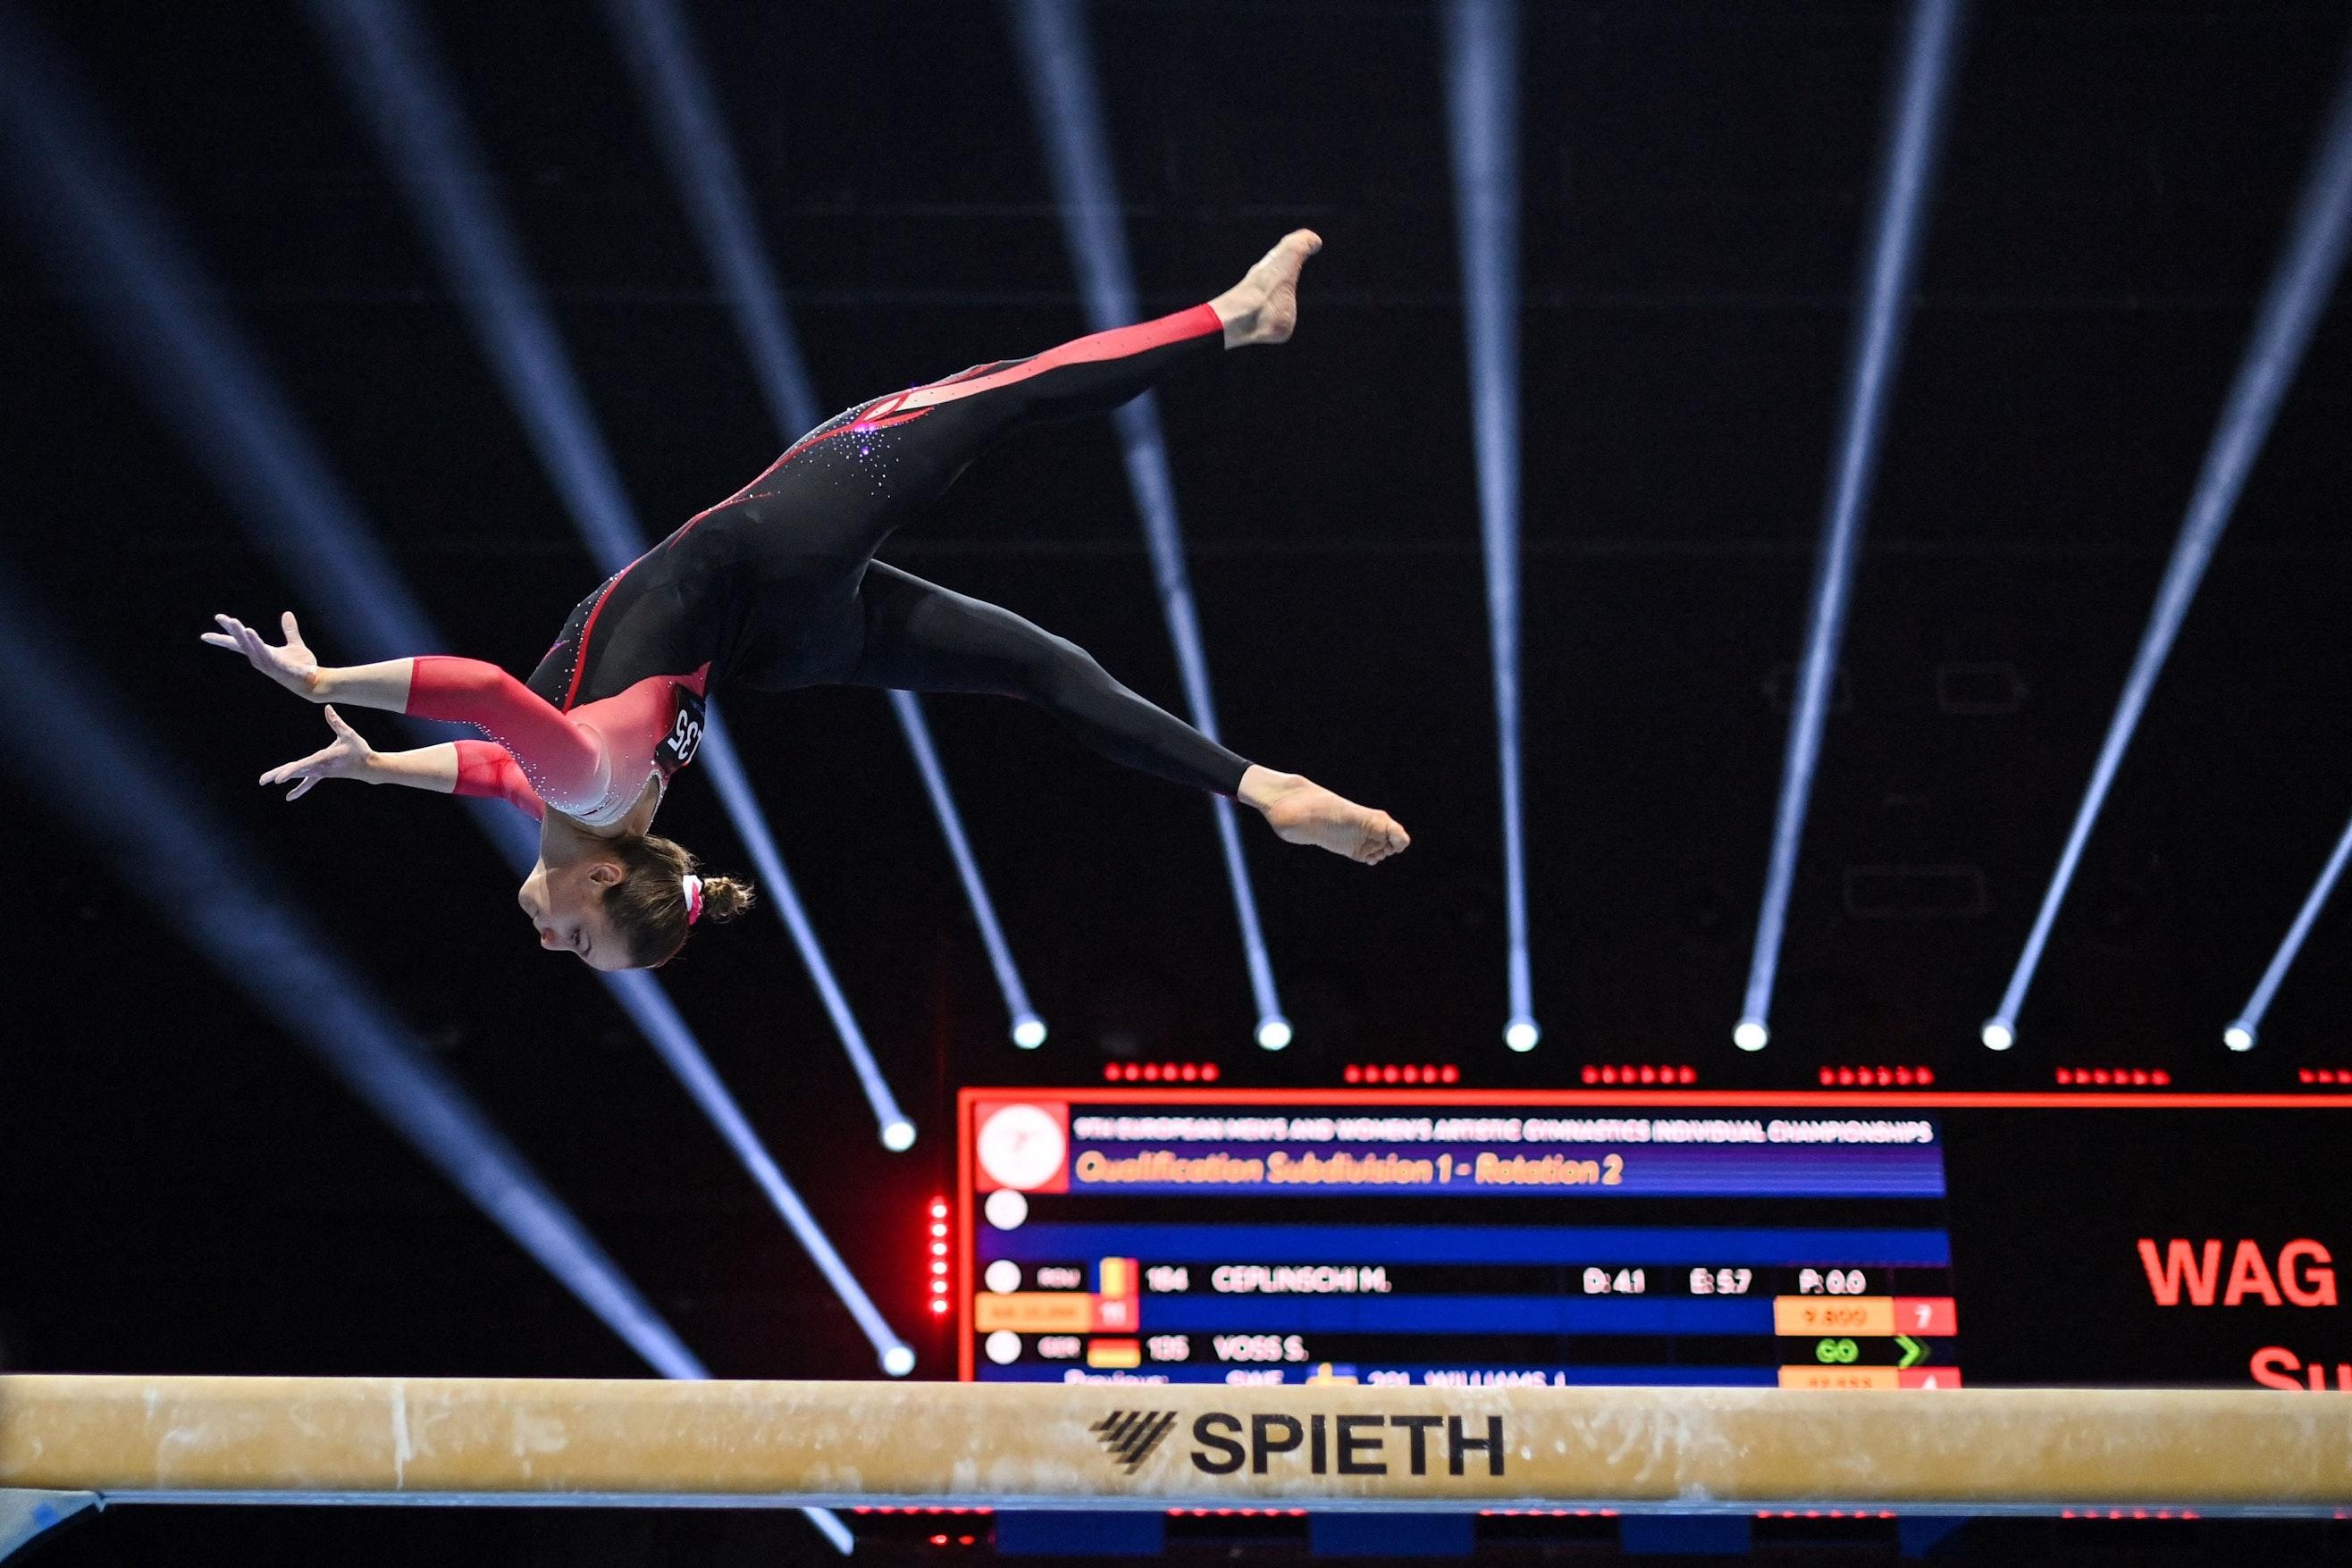 Sportgymnastik nackt rhythmische Geschichte der